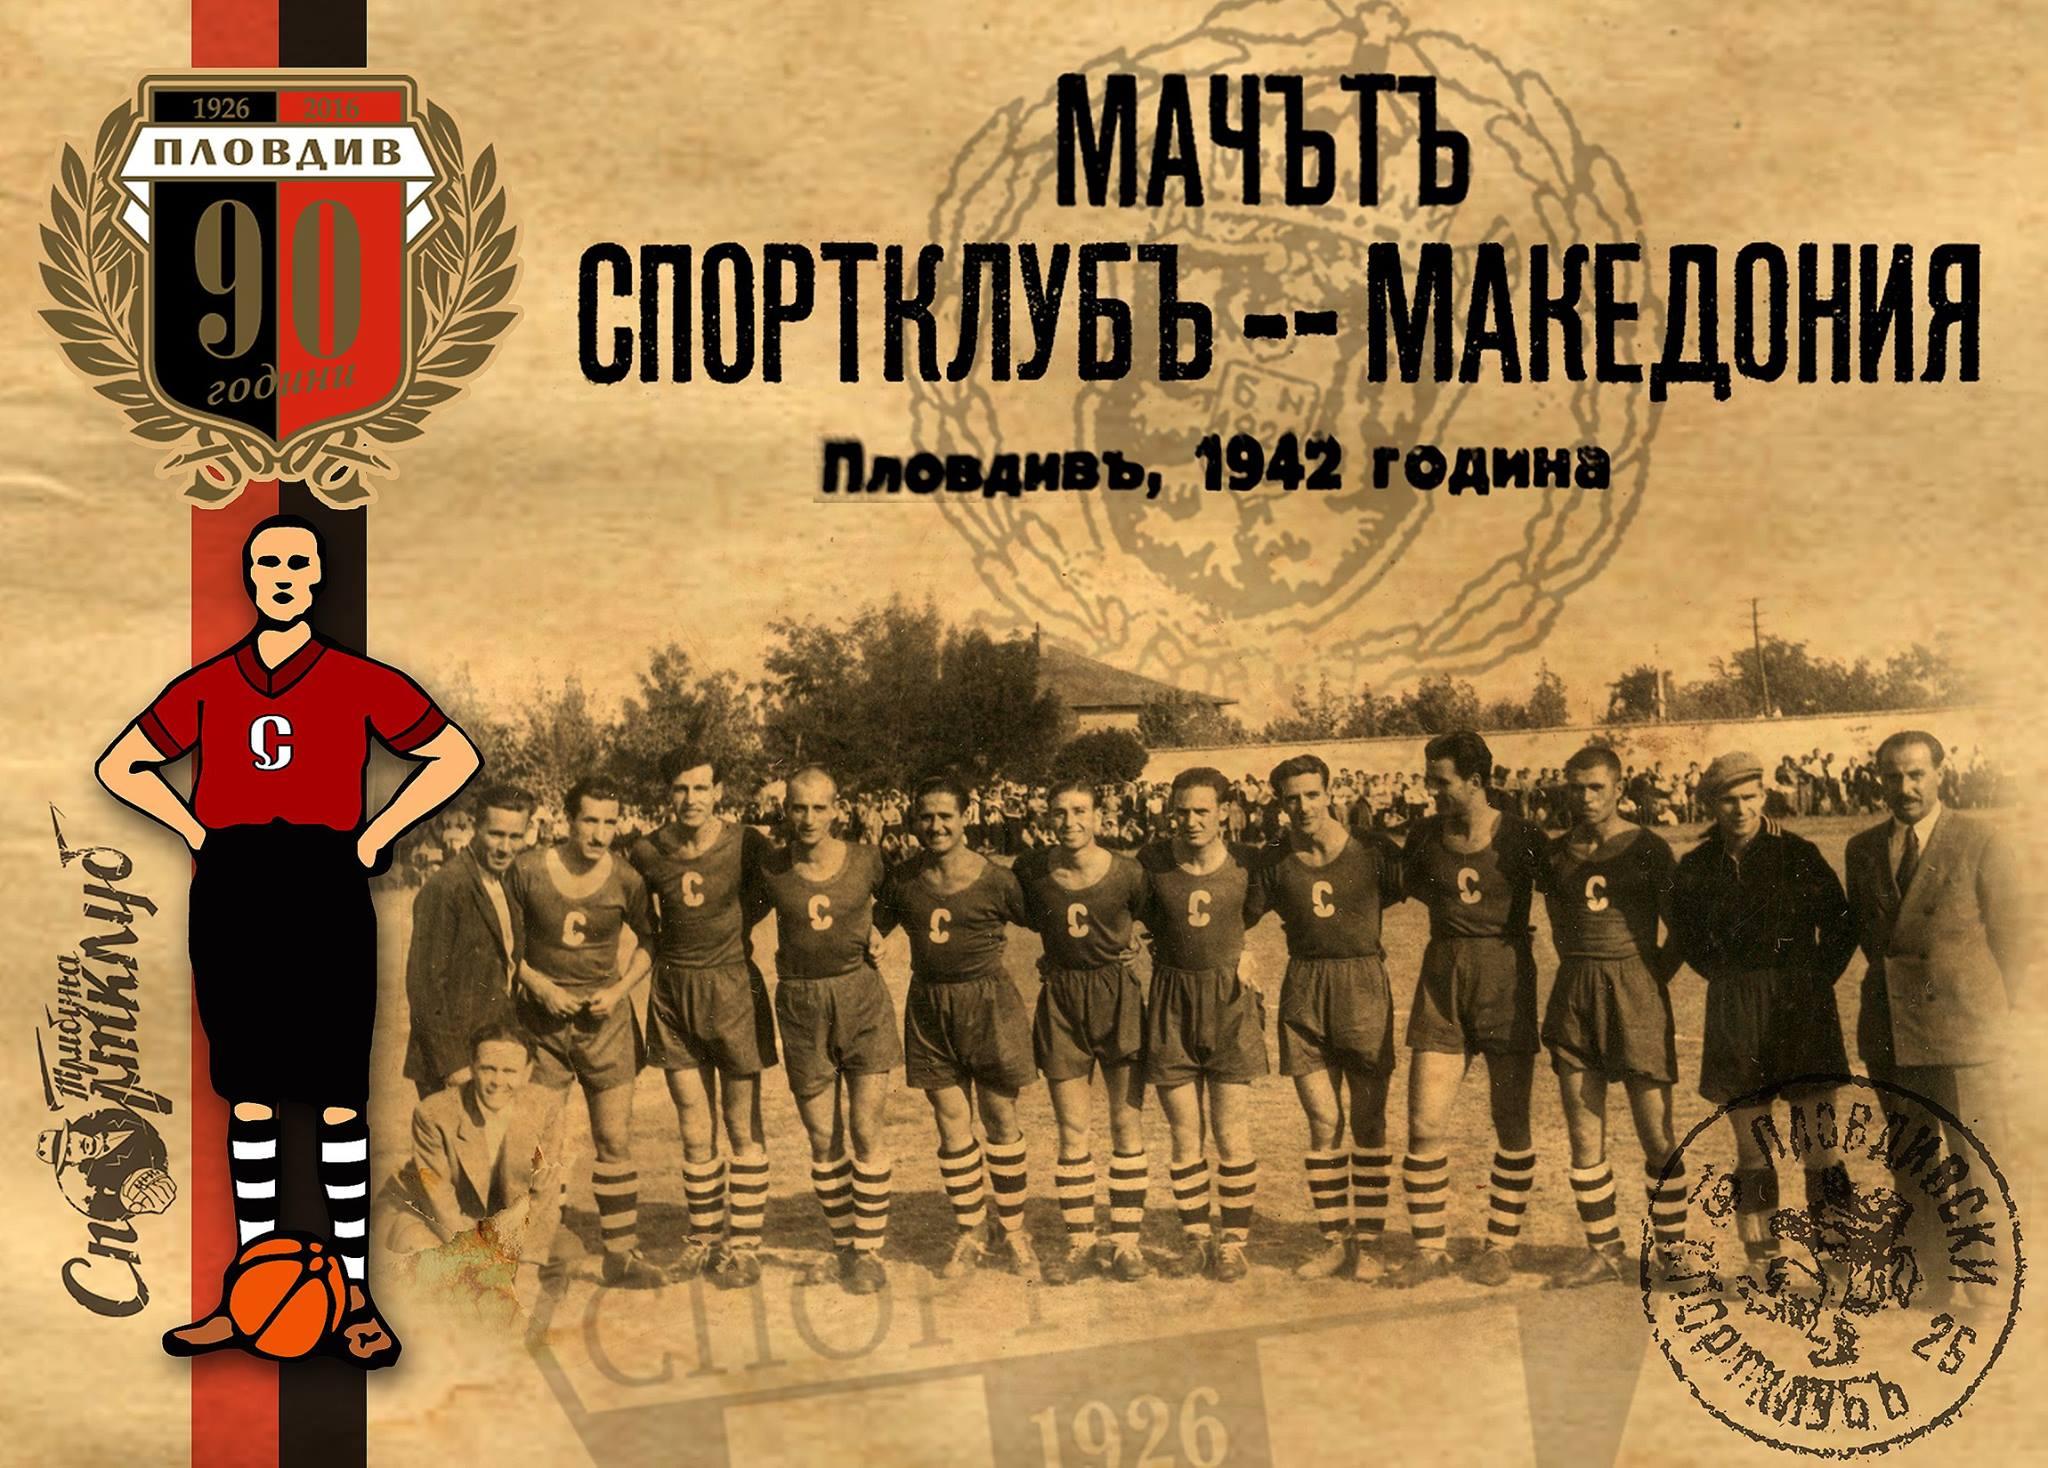 Спортклуб през 1942 година